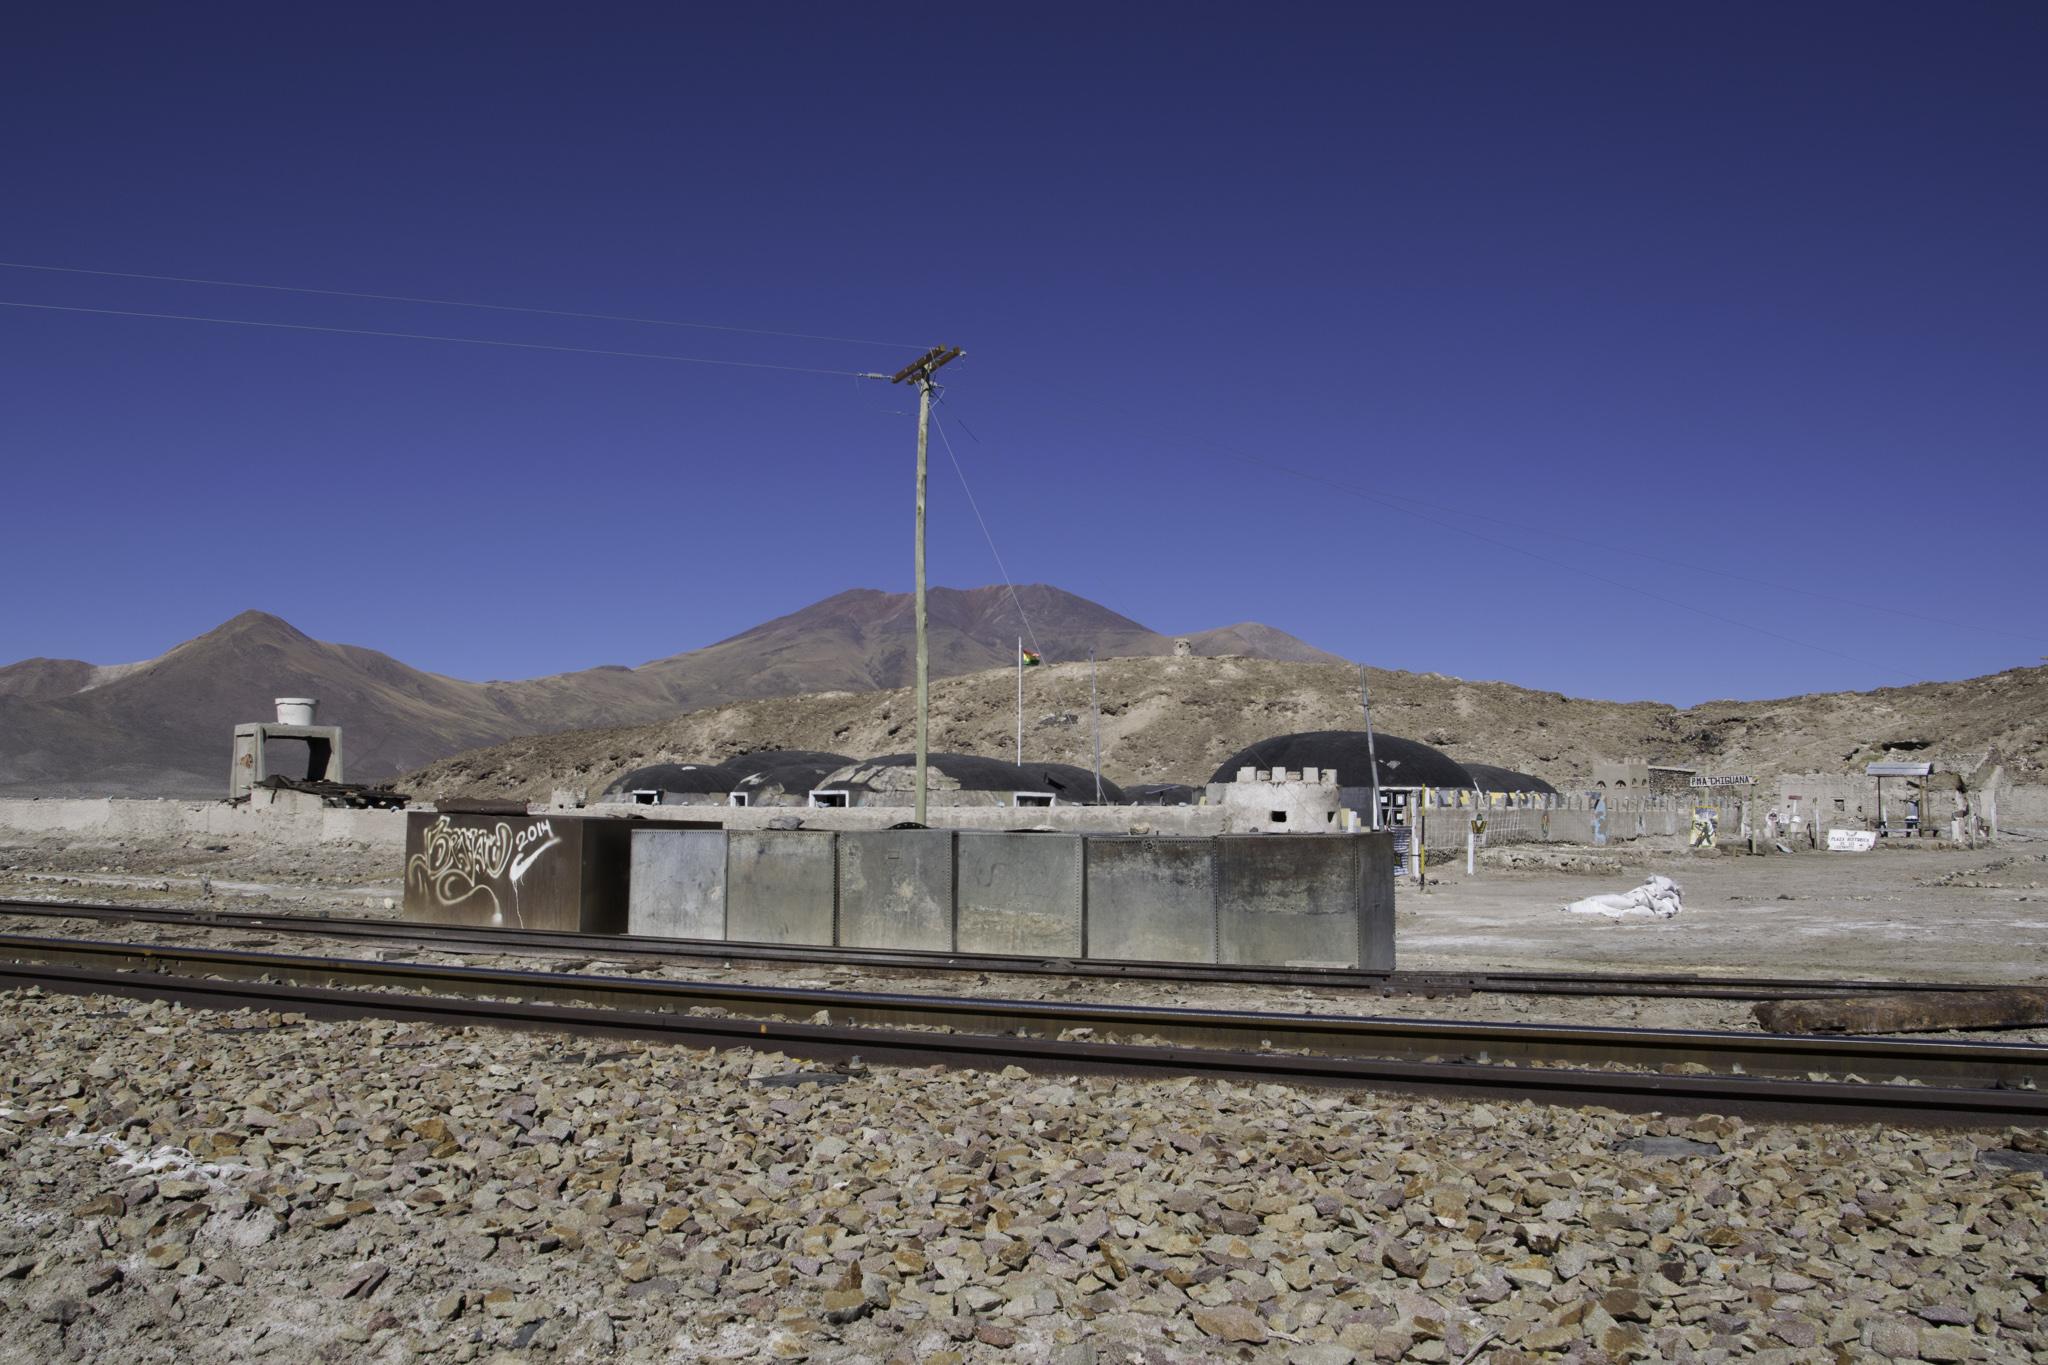 Wasservorrat für die nächsten zwei Tage auffüllen - aus den Blechtonnen beim Militärstützpunkt Chiguana